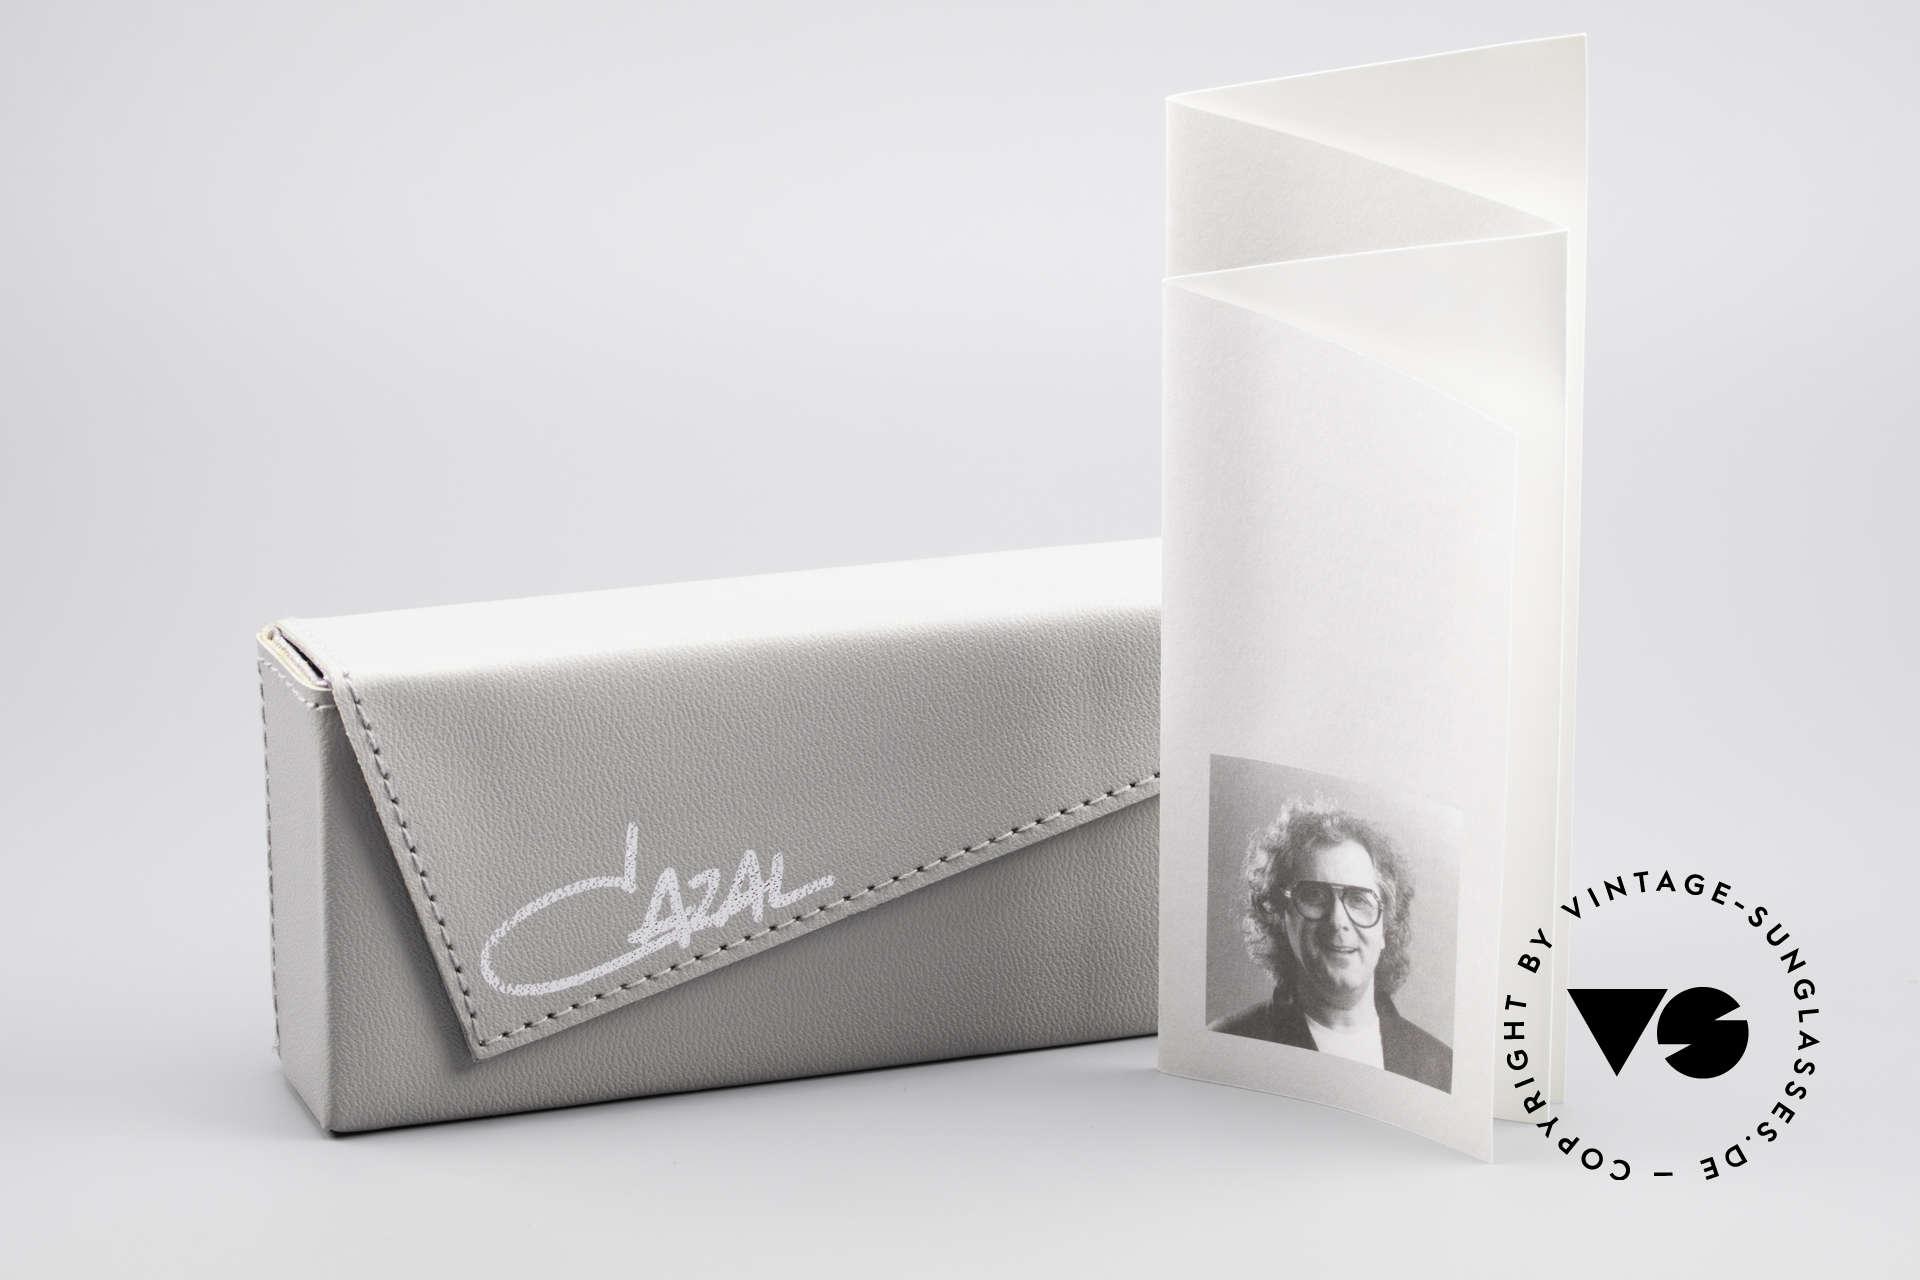 Cazal 633 Vintage Promi Brille 80er, Größe: large, Passend für Herren